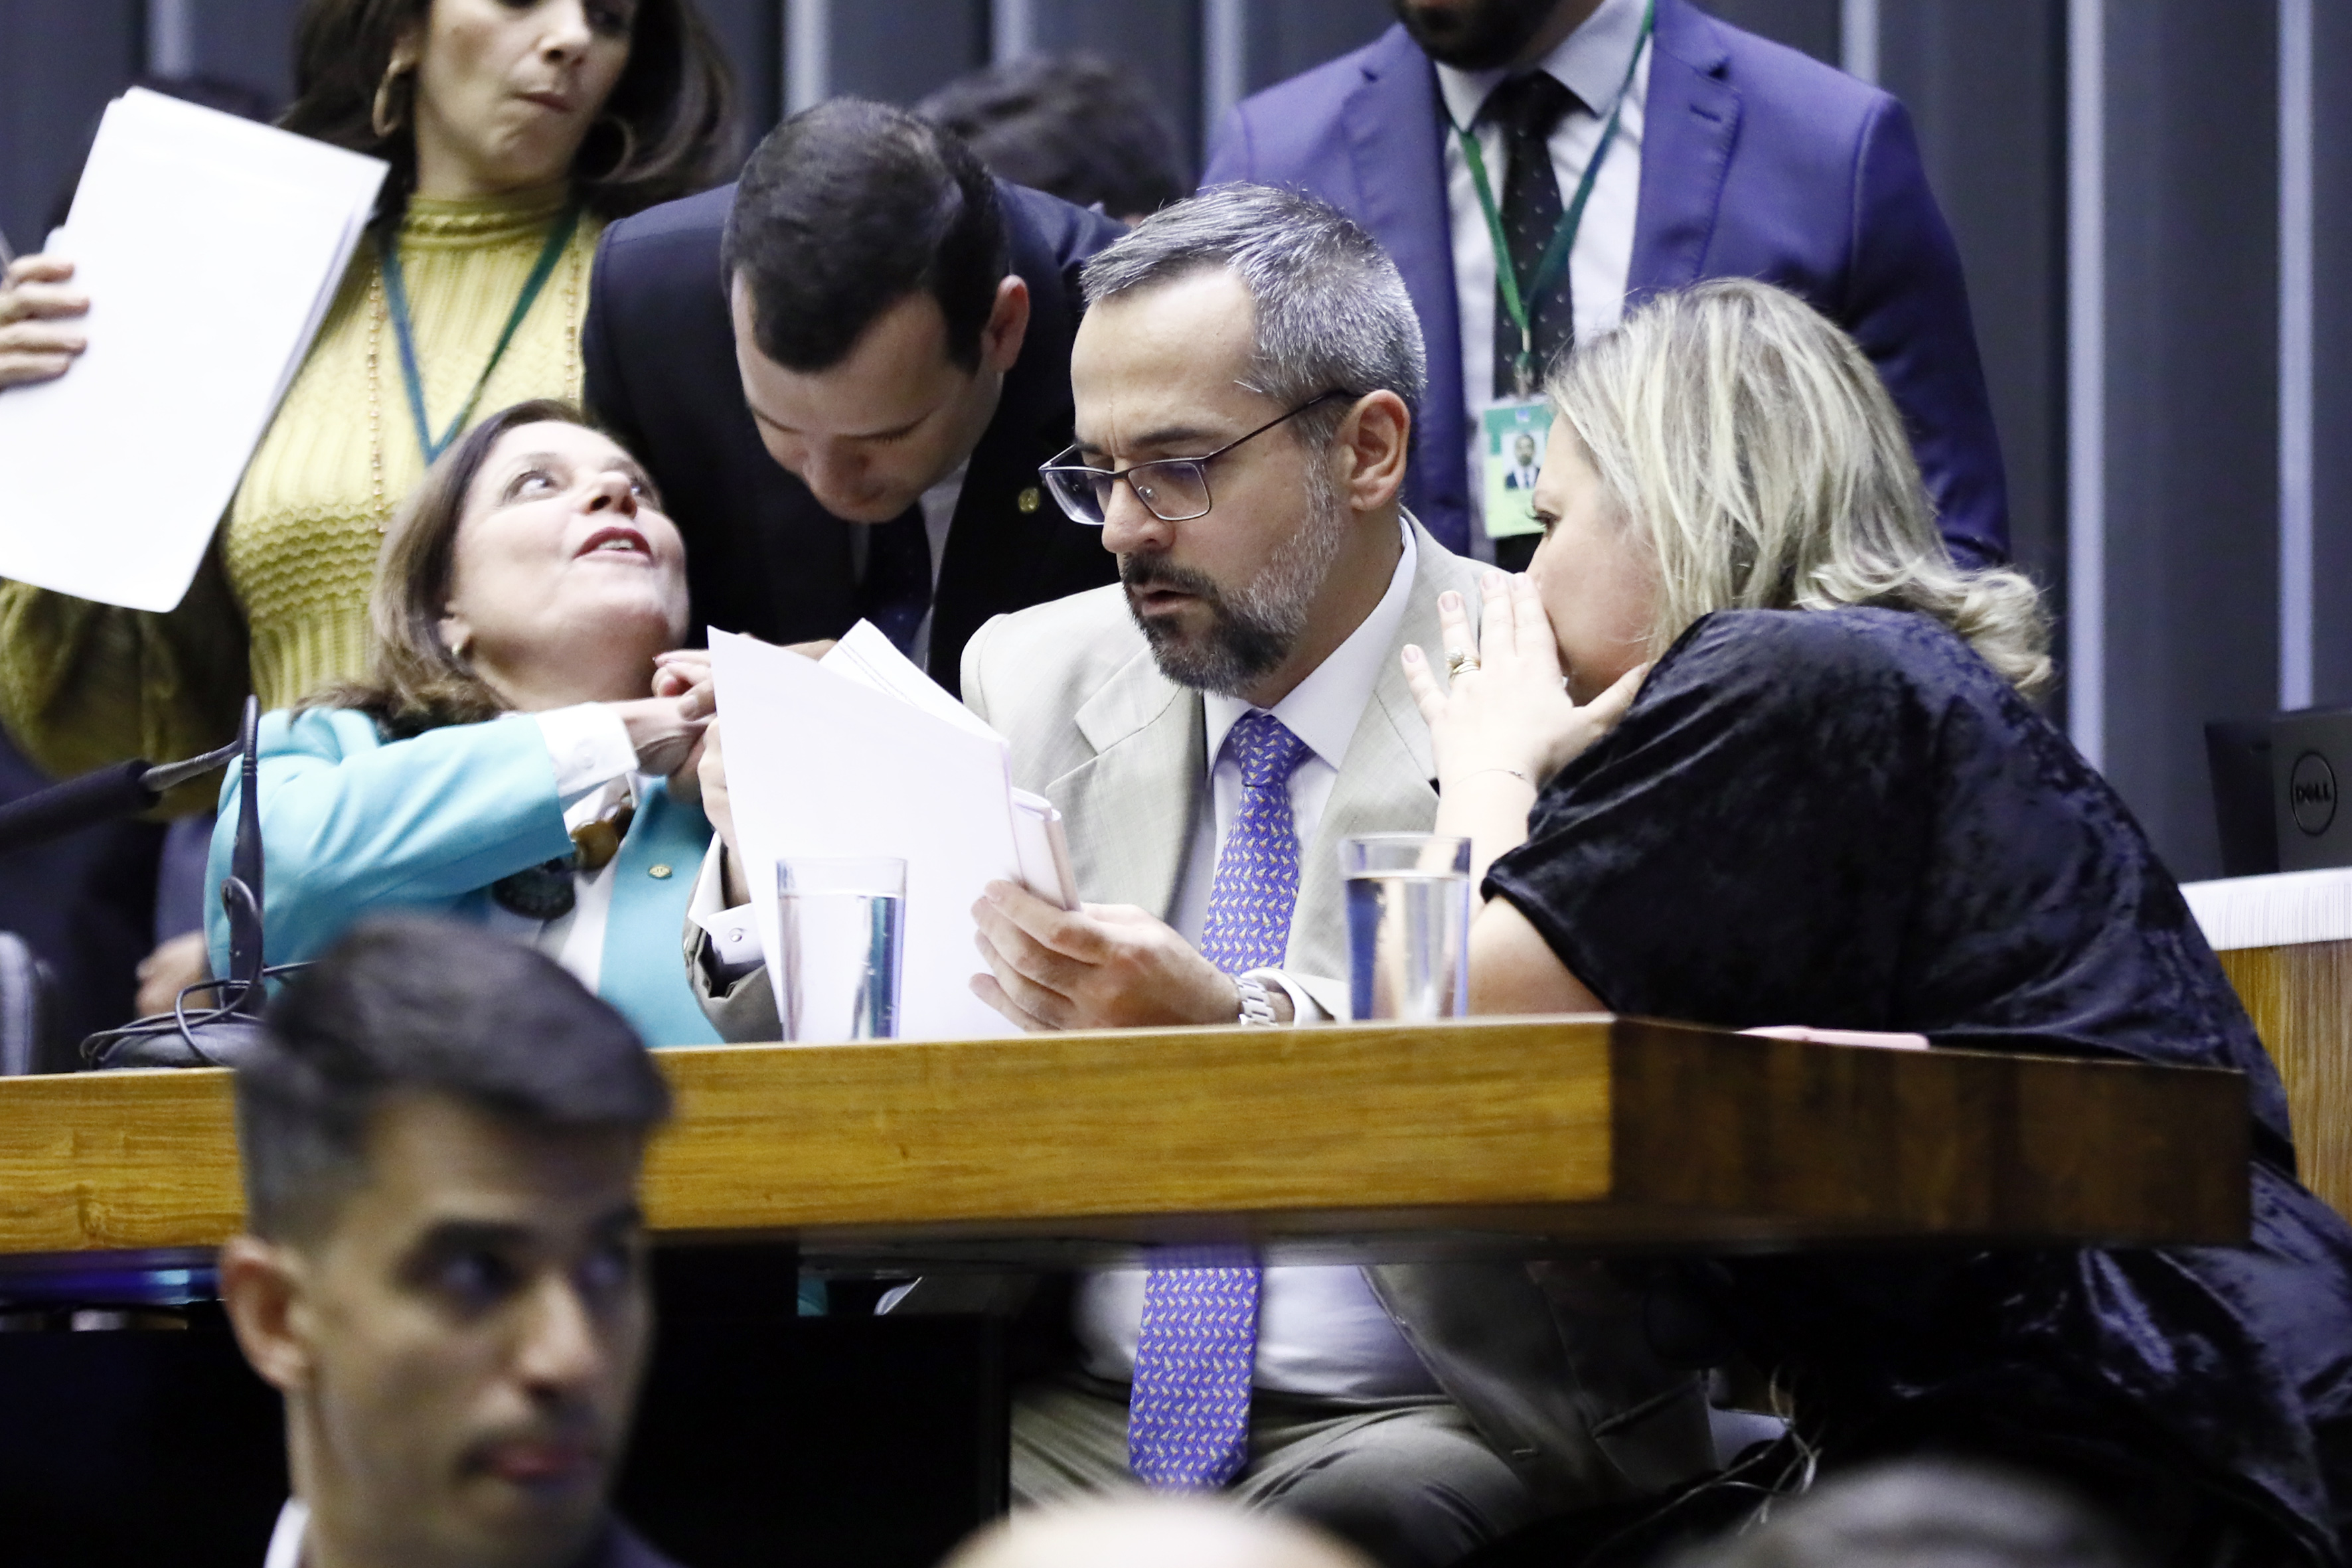 Ao vivo: ministro da Educação na Câmara